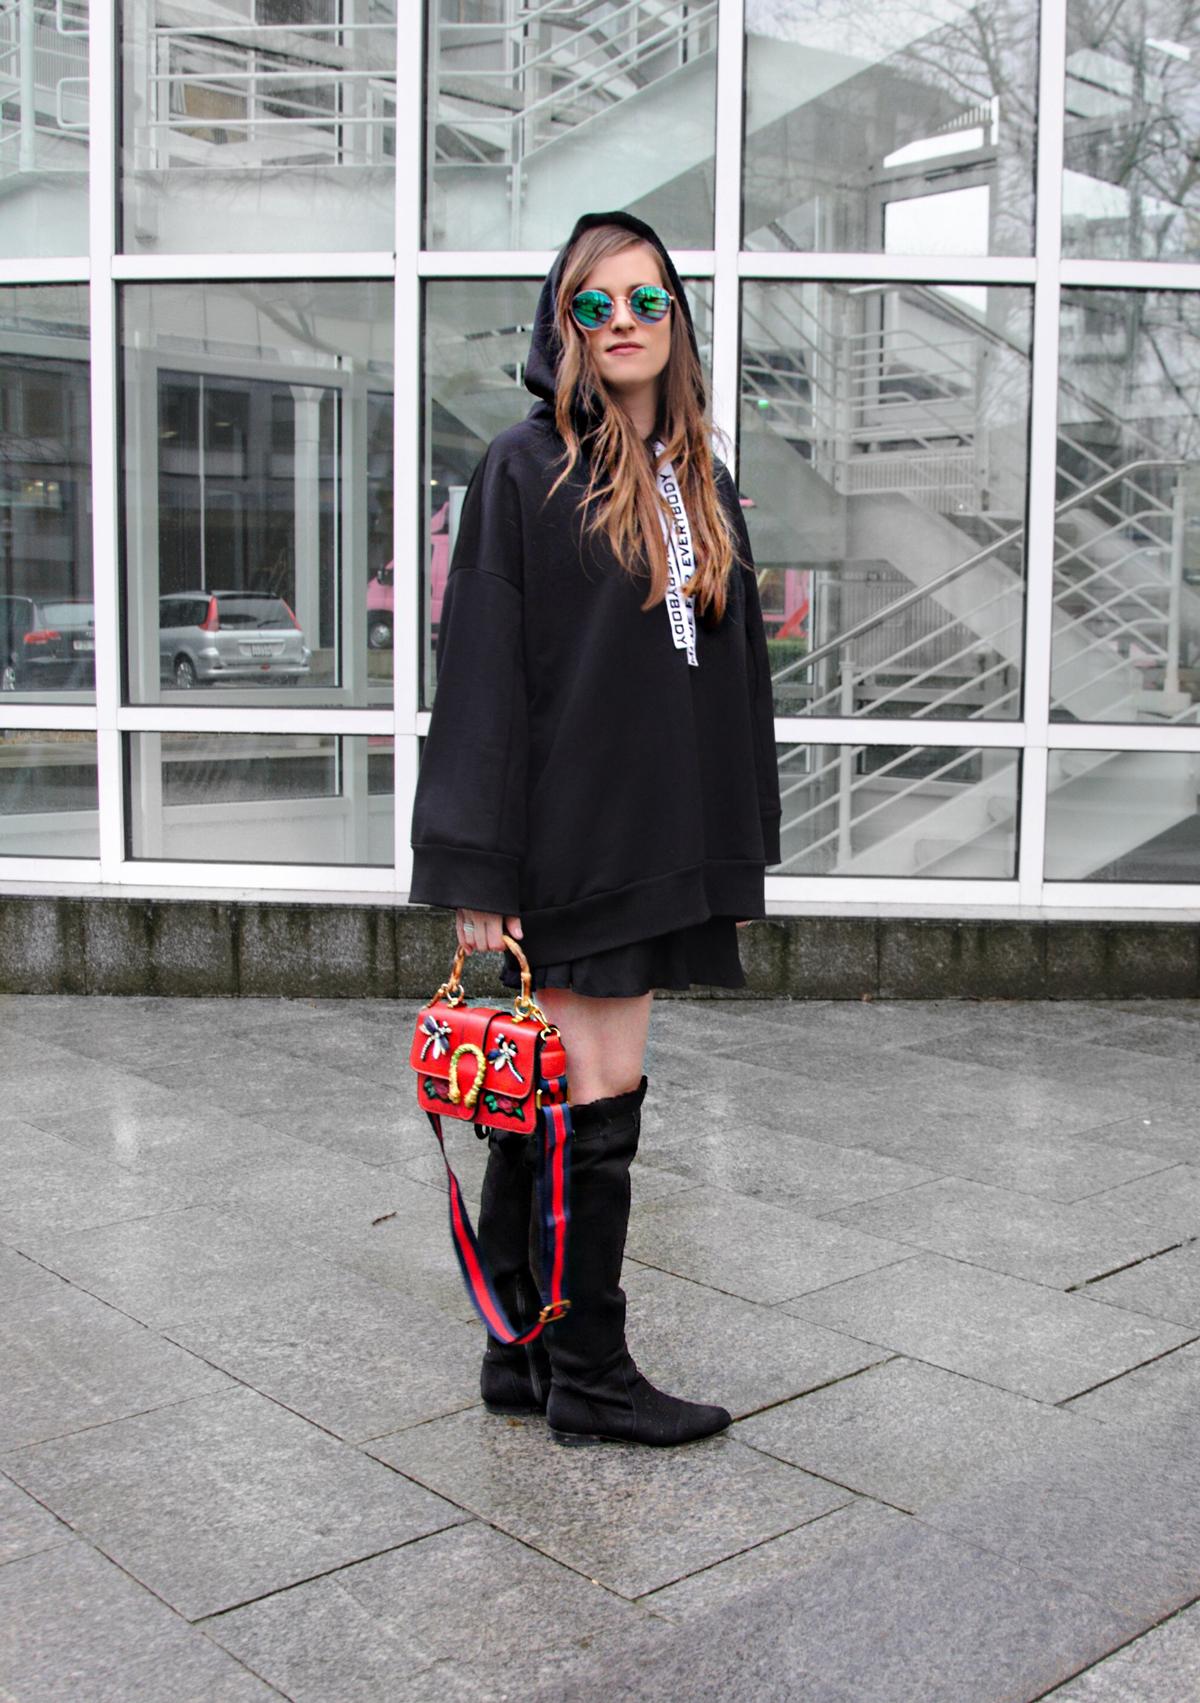 Mode Bloggerin Andrea Steiner aus der Schweiz zeigt auf ihrem Blog Strawberries 'n' Champagne die Modehighlights vom Winter.